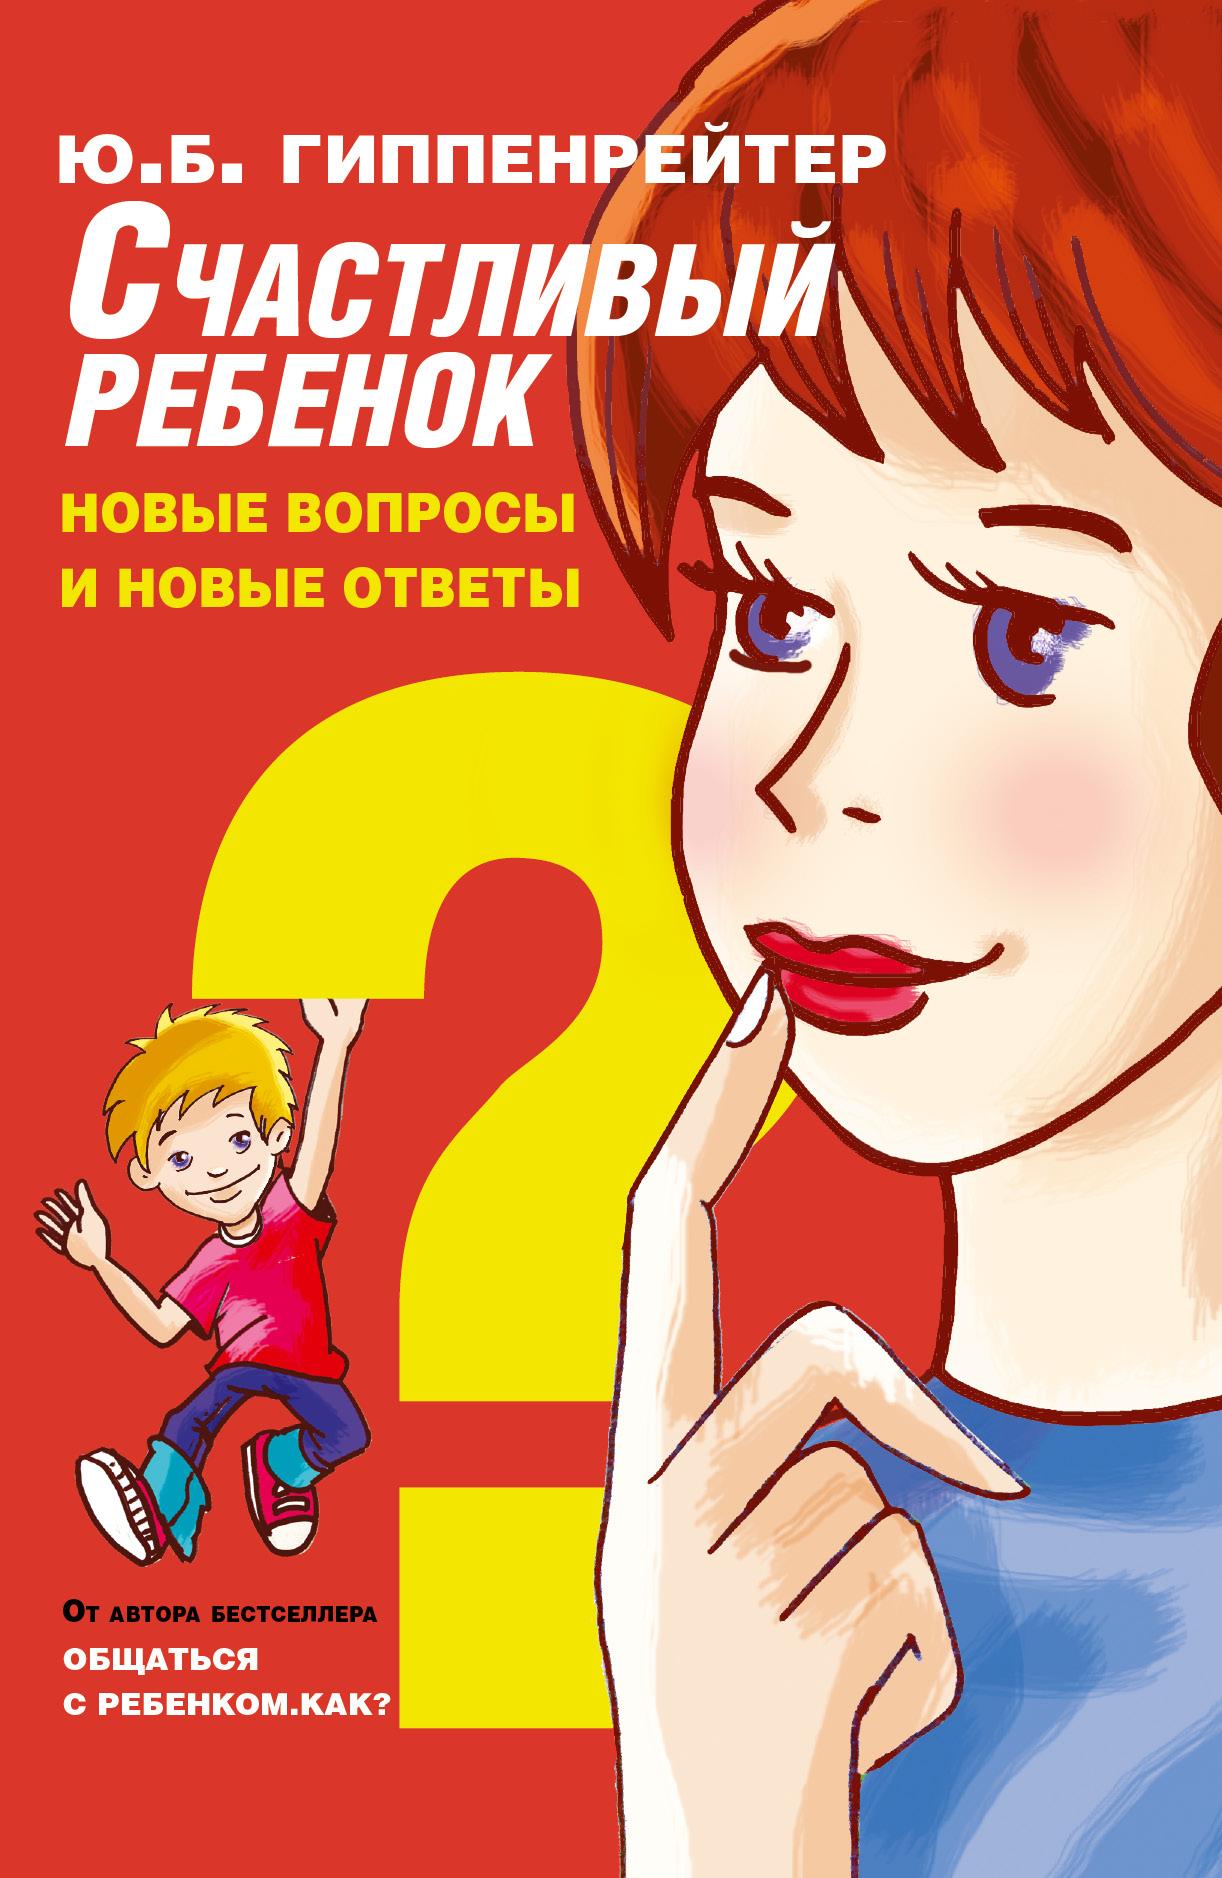 Счастливый ребенок: новые вопросы и новые ответы